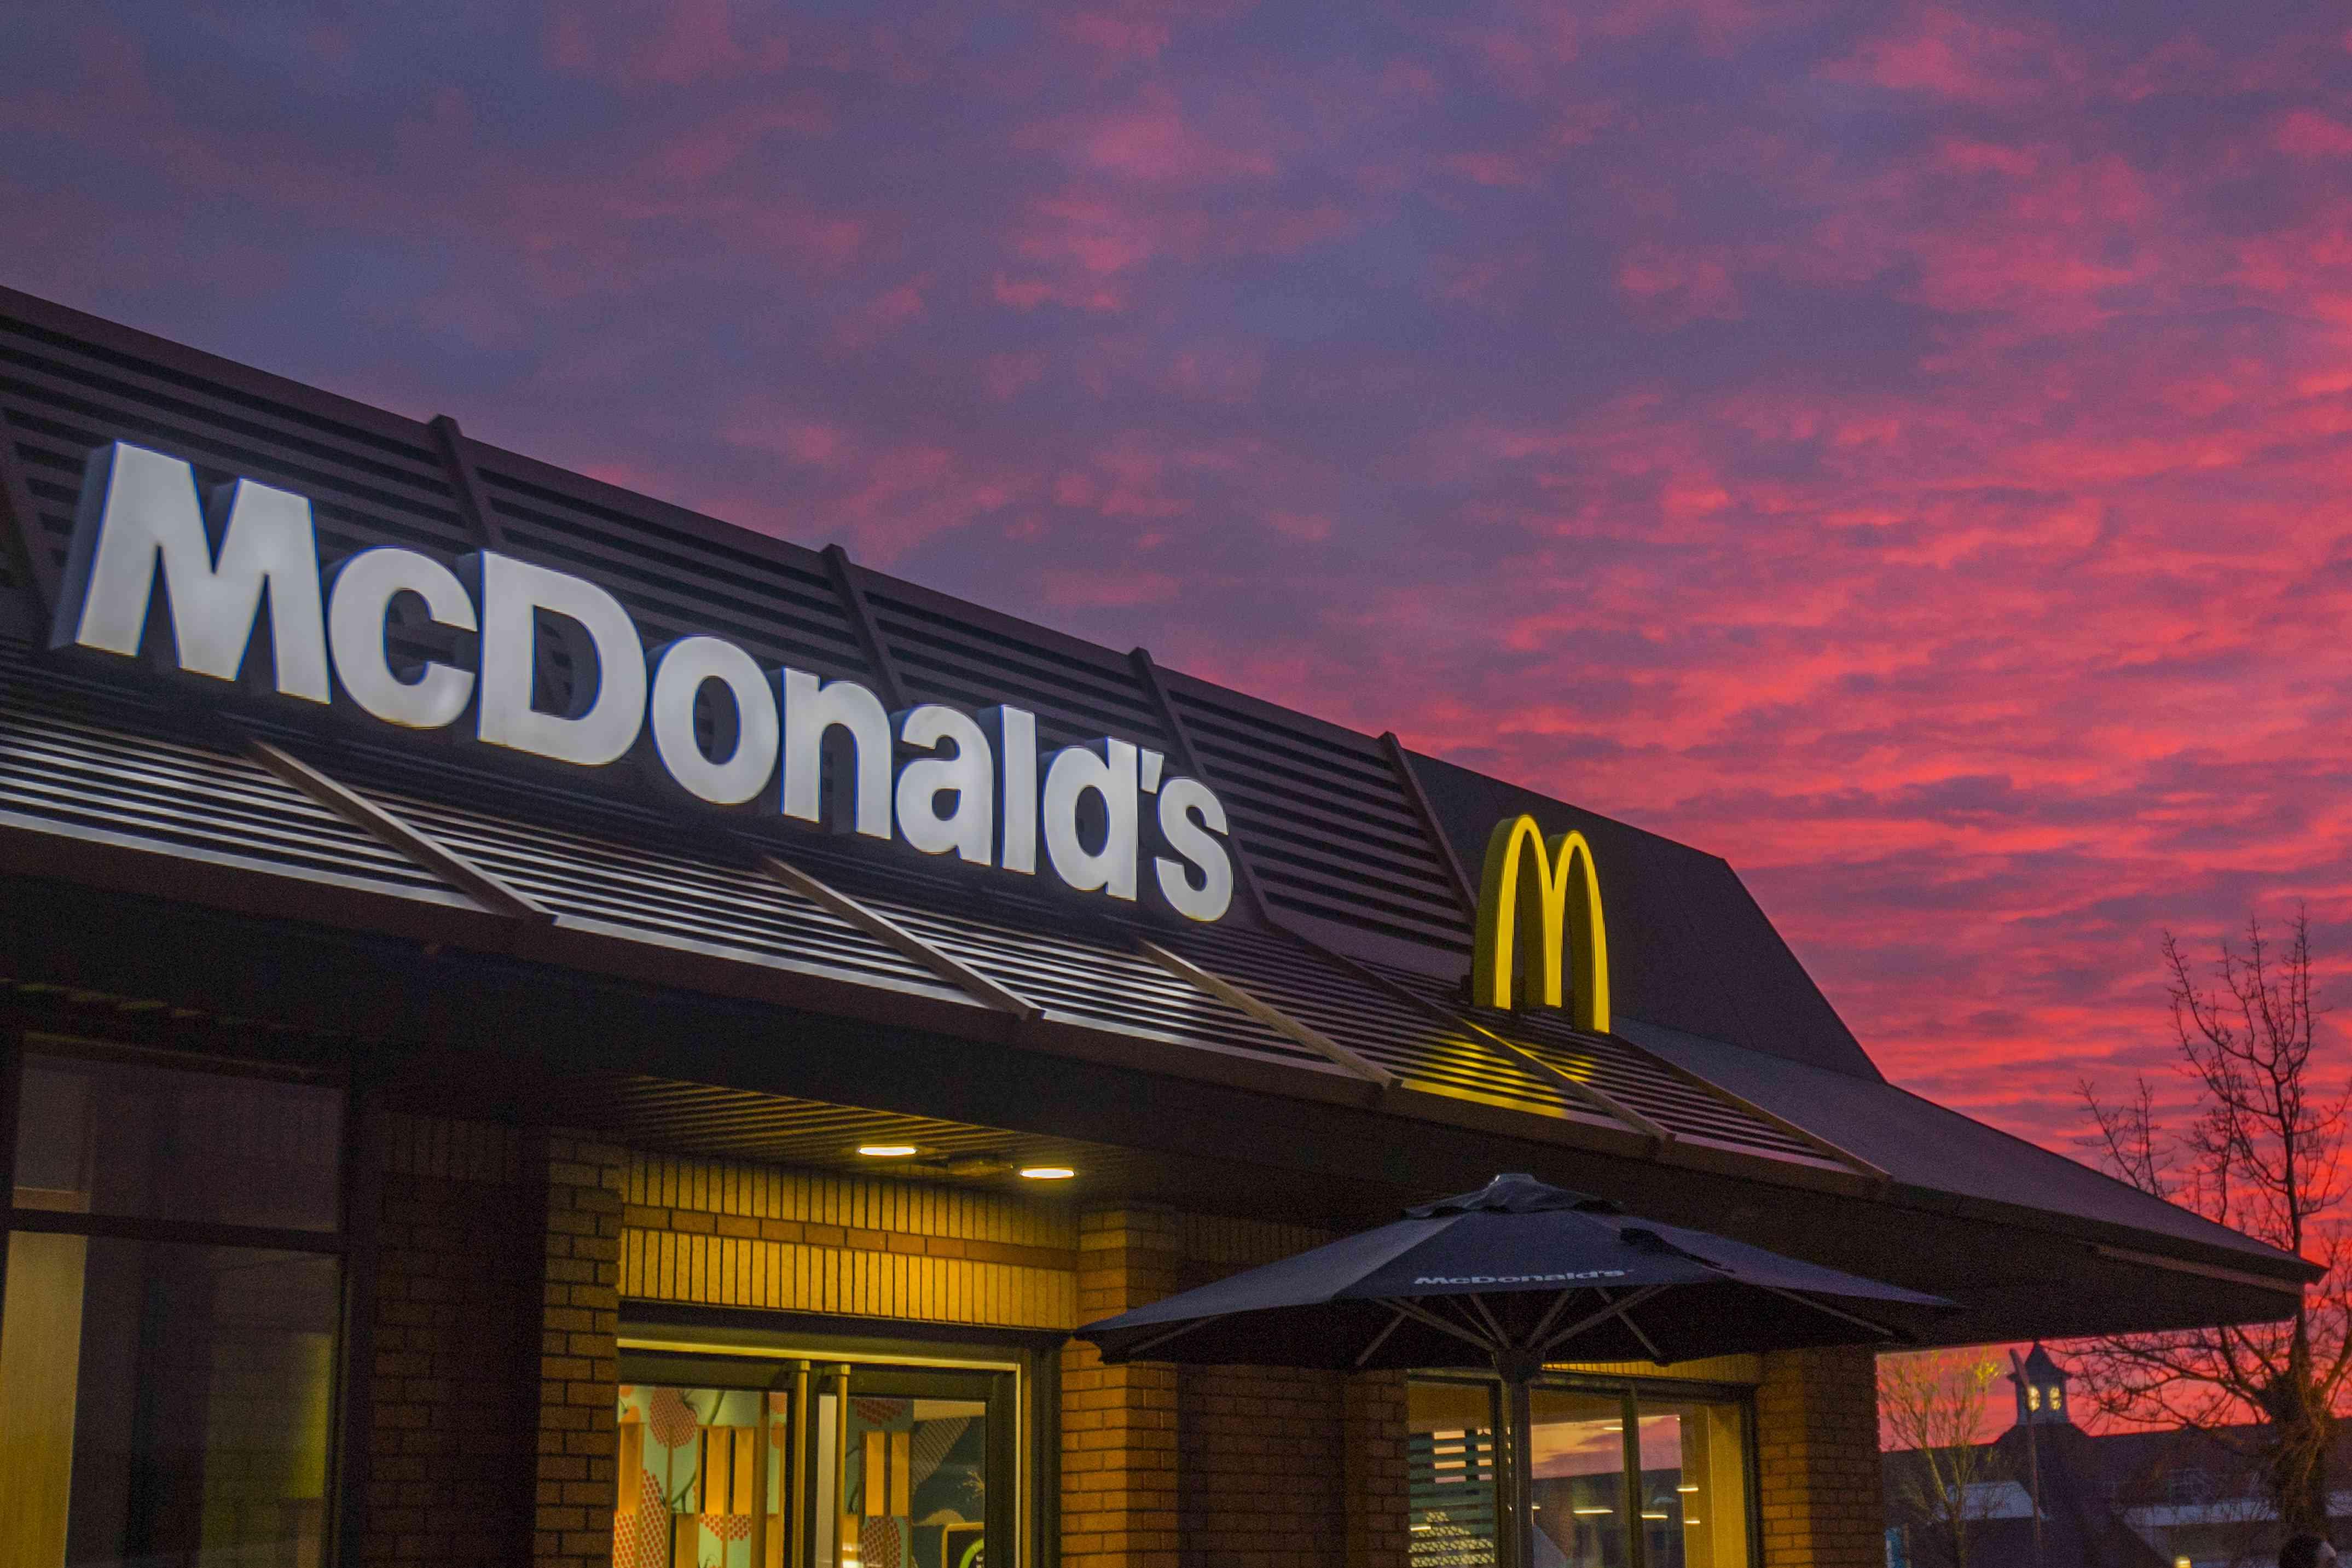 McDonald's facade at sunset